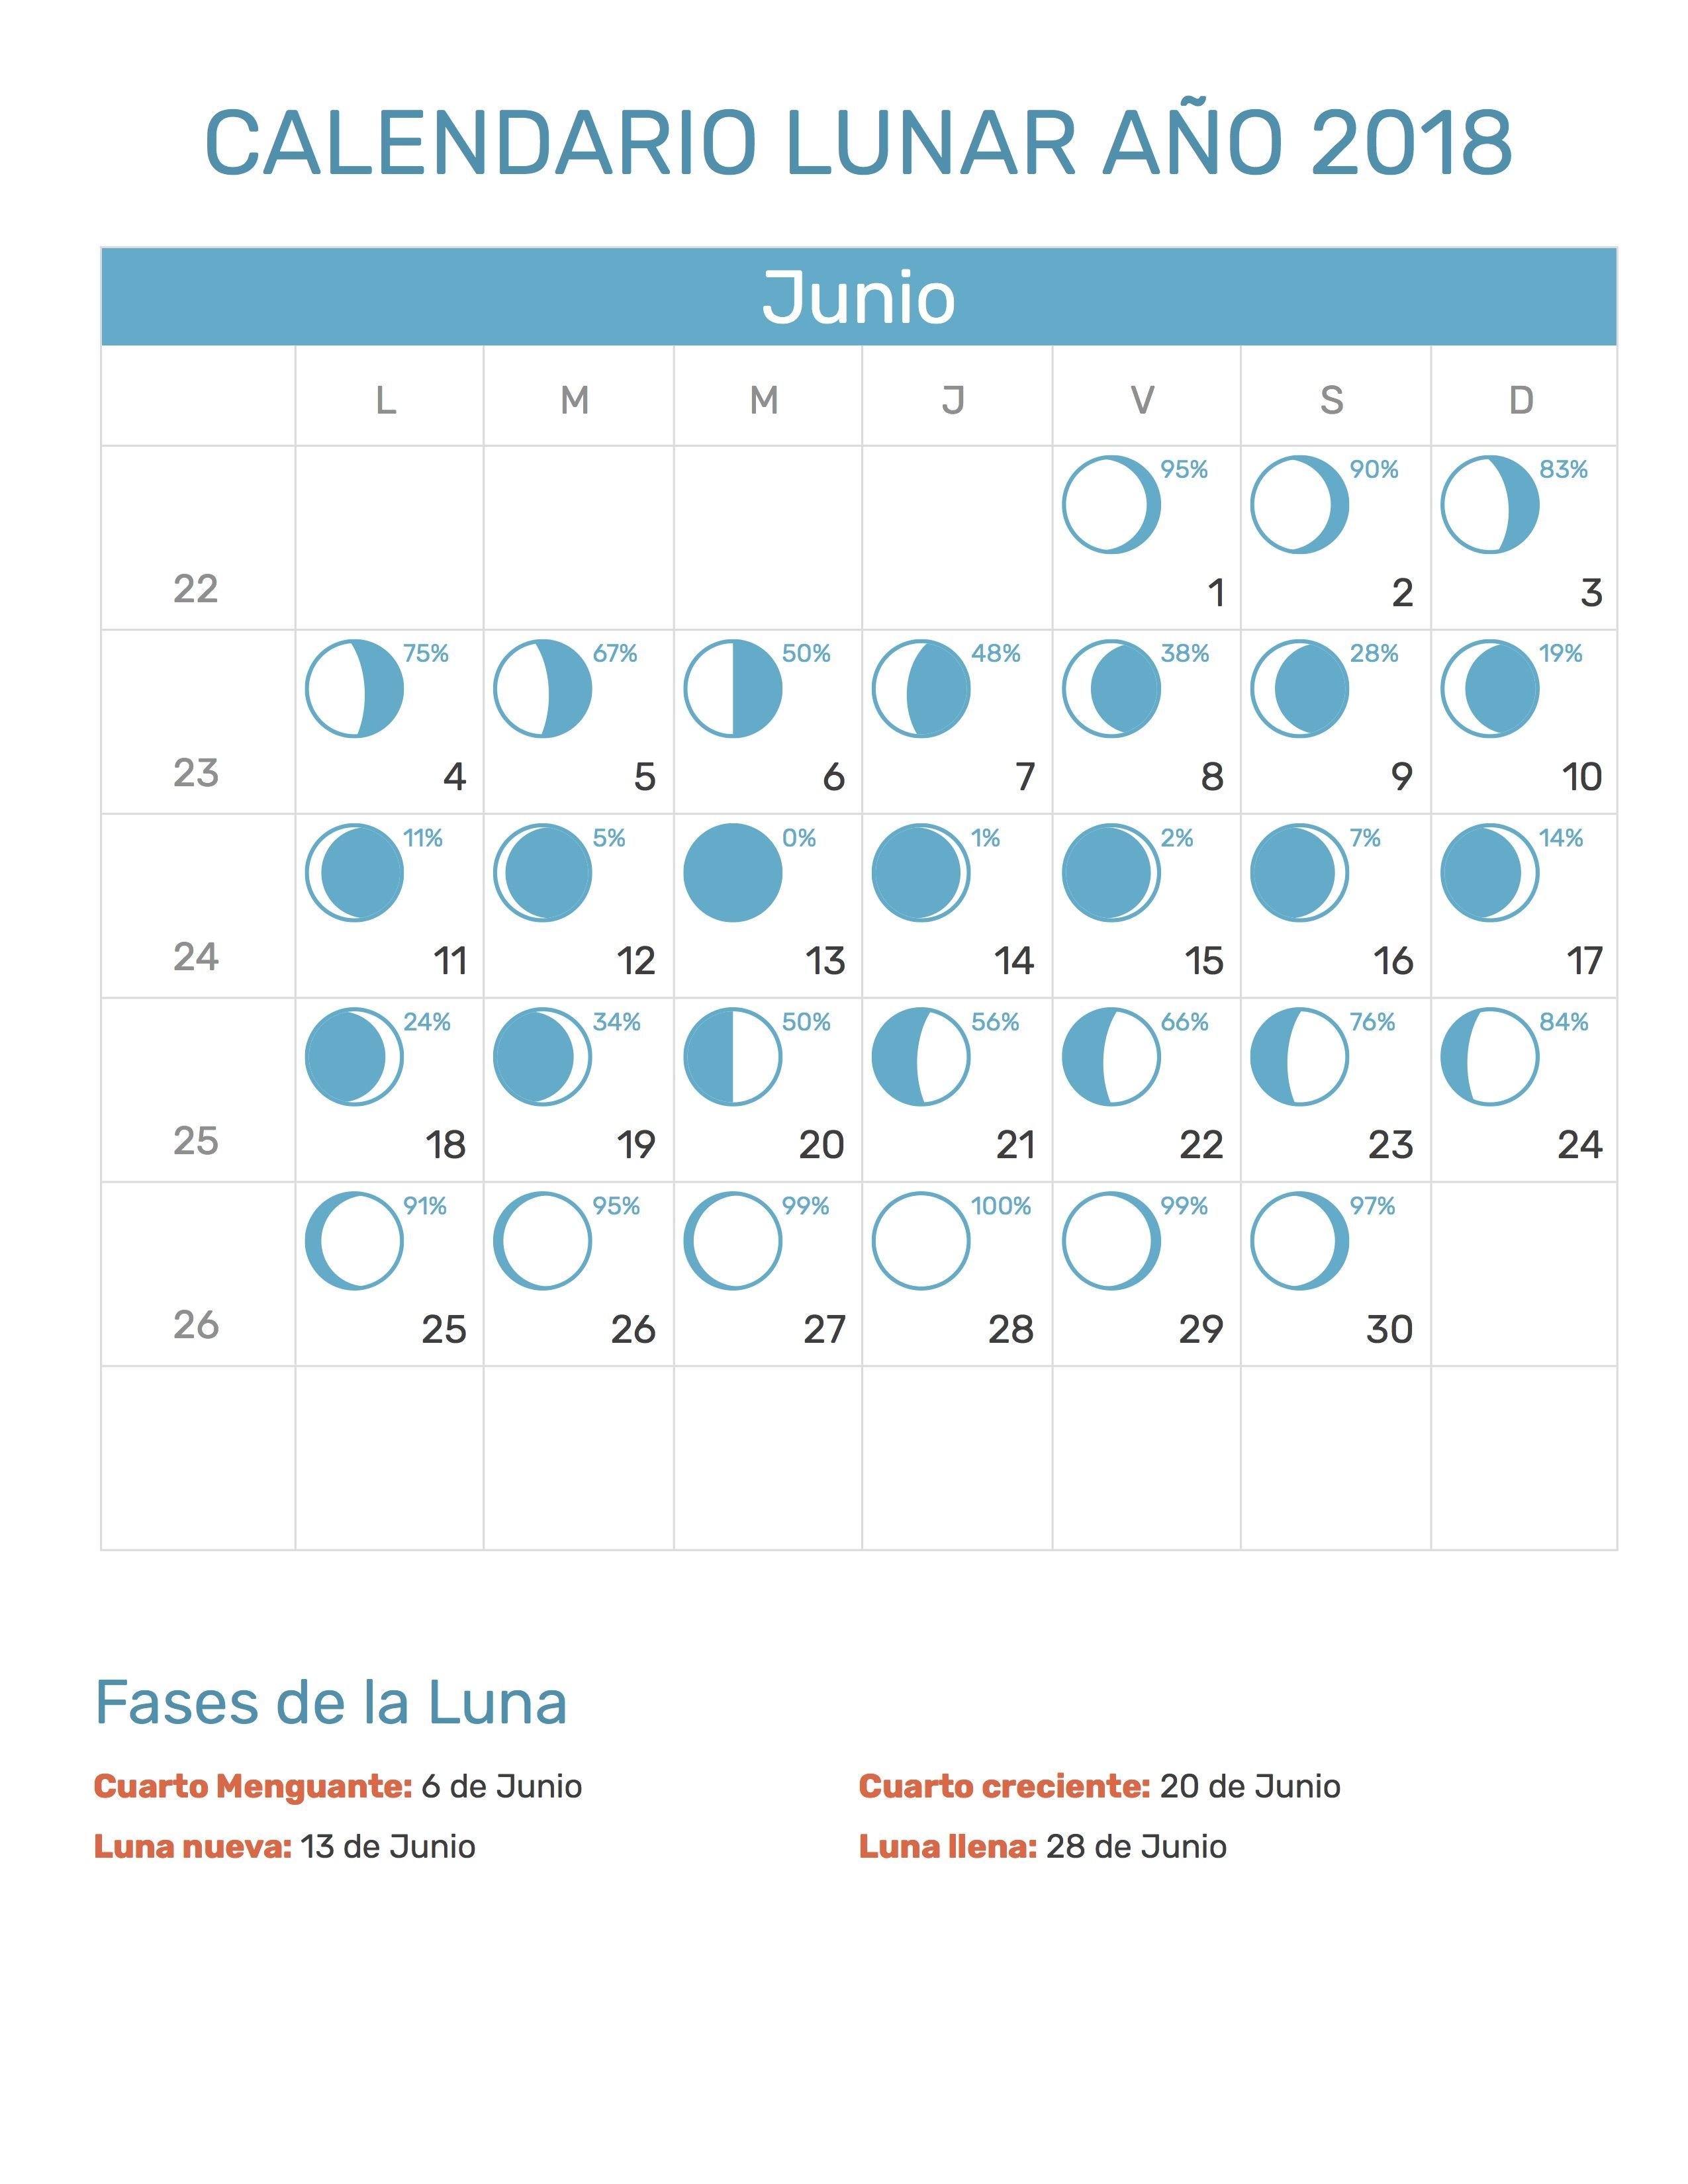 Calendario Lunar Del Mes De Junio Año 2018 Con Fases De Las Luna Correspondiente Versión Para Calendario Lunar Calendario Lunar Junio Calendario Fases Lunares